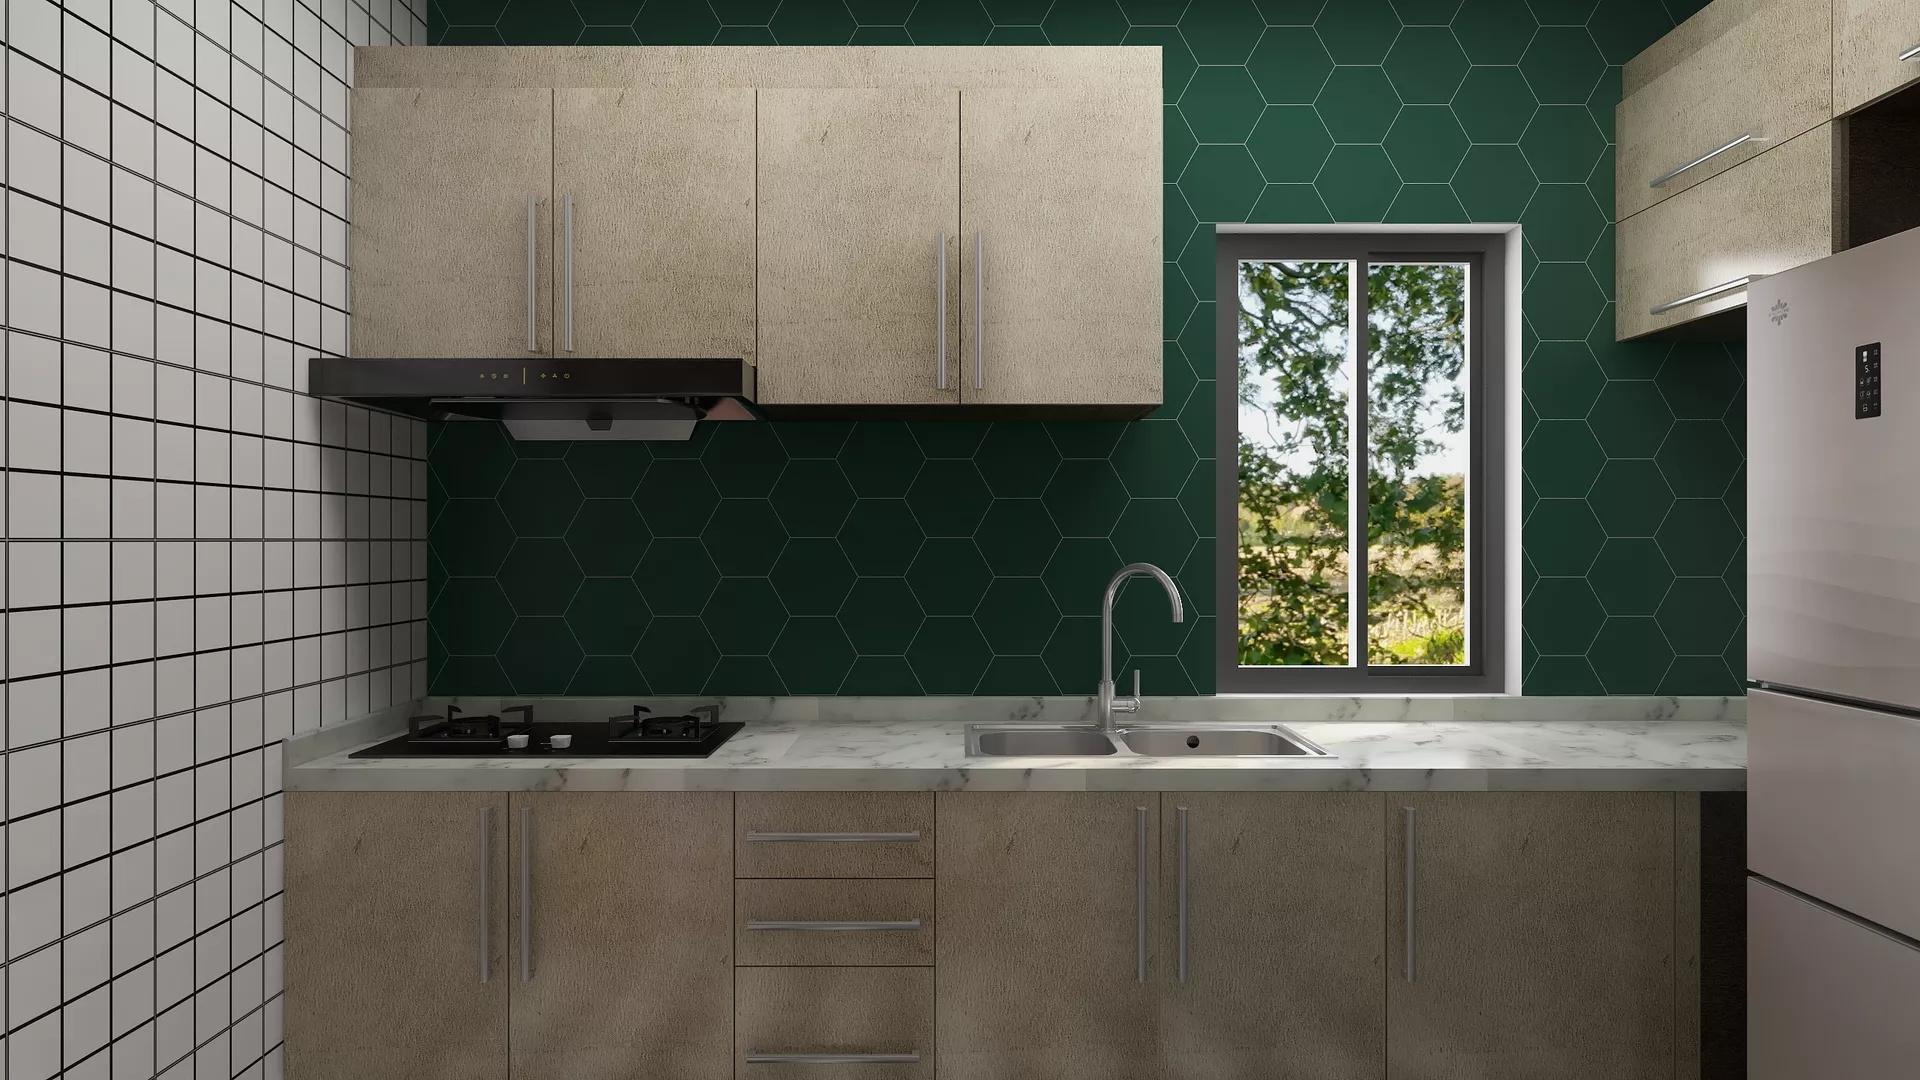 简洁温馨开放式厨房吧台设计效果图